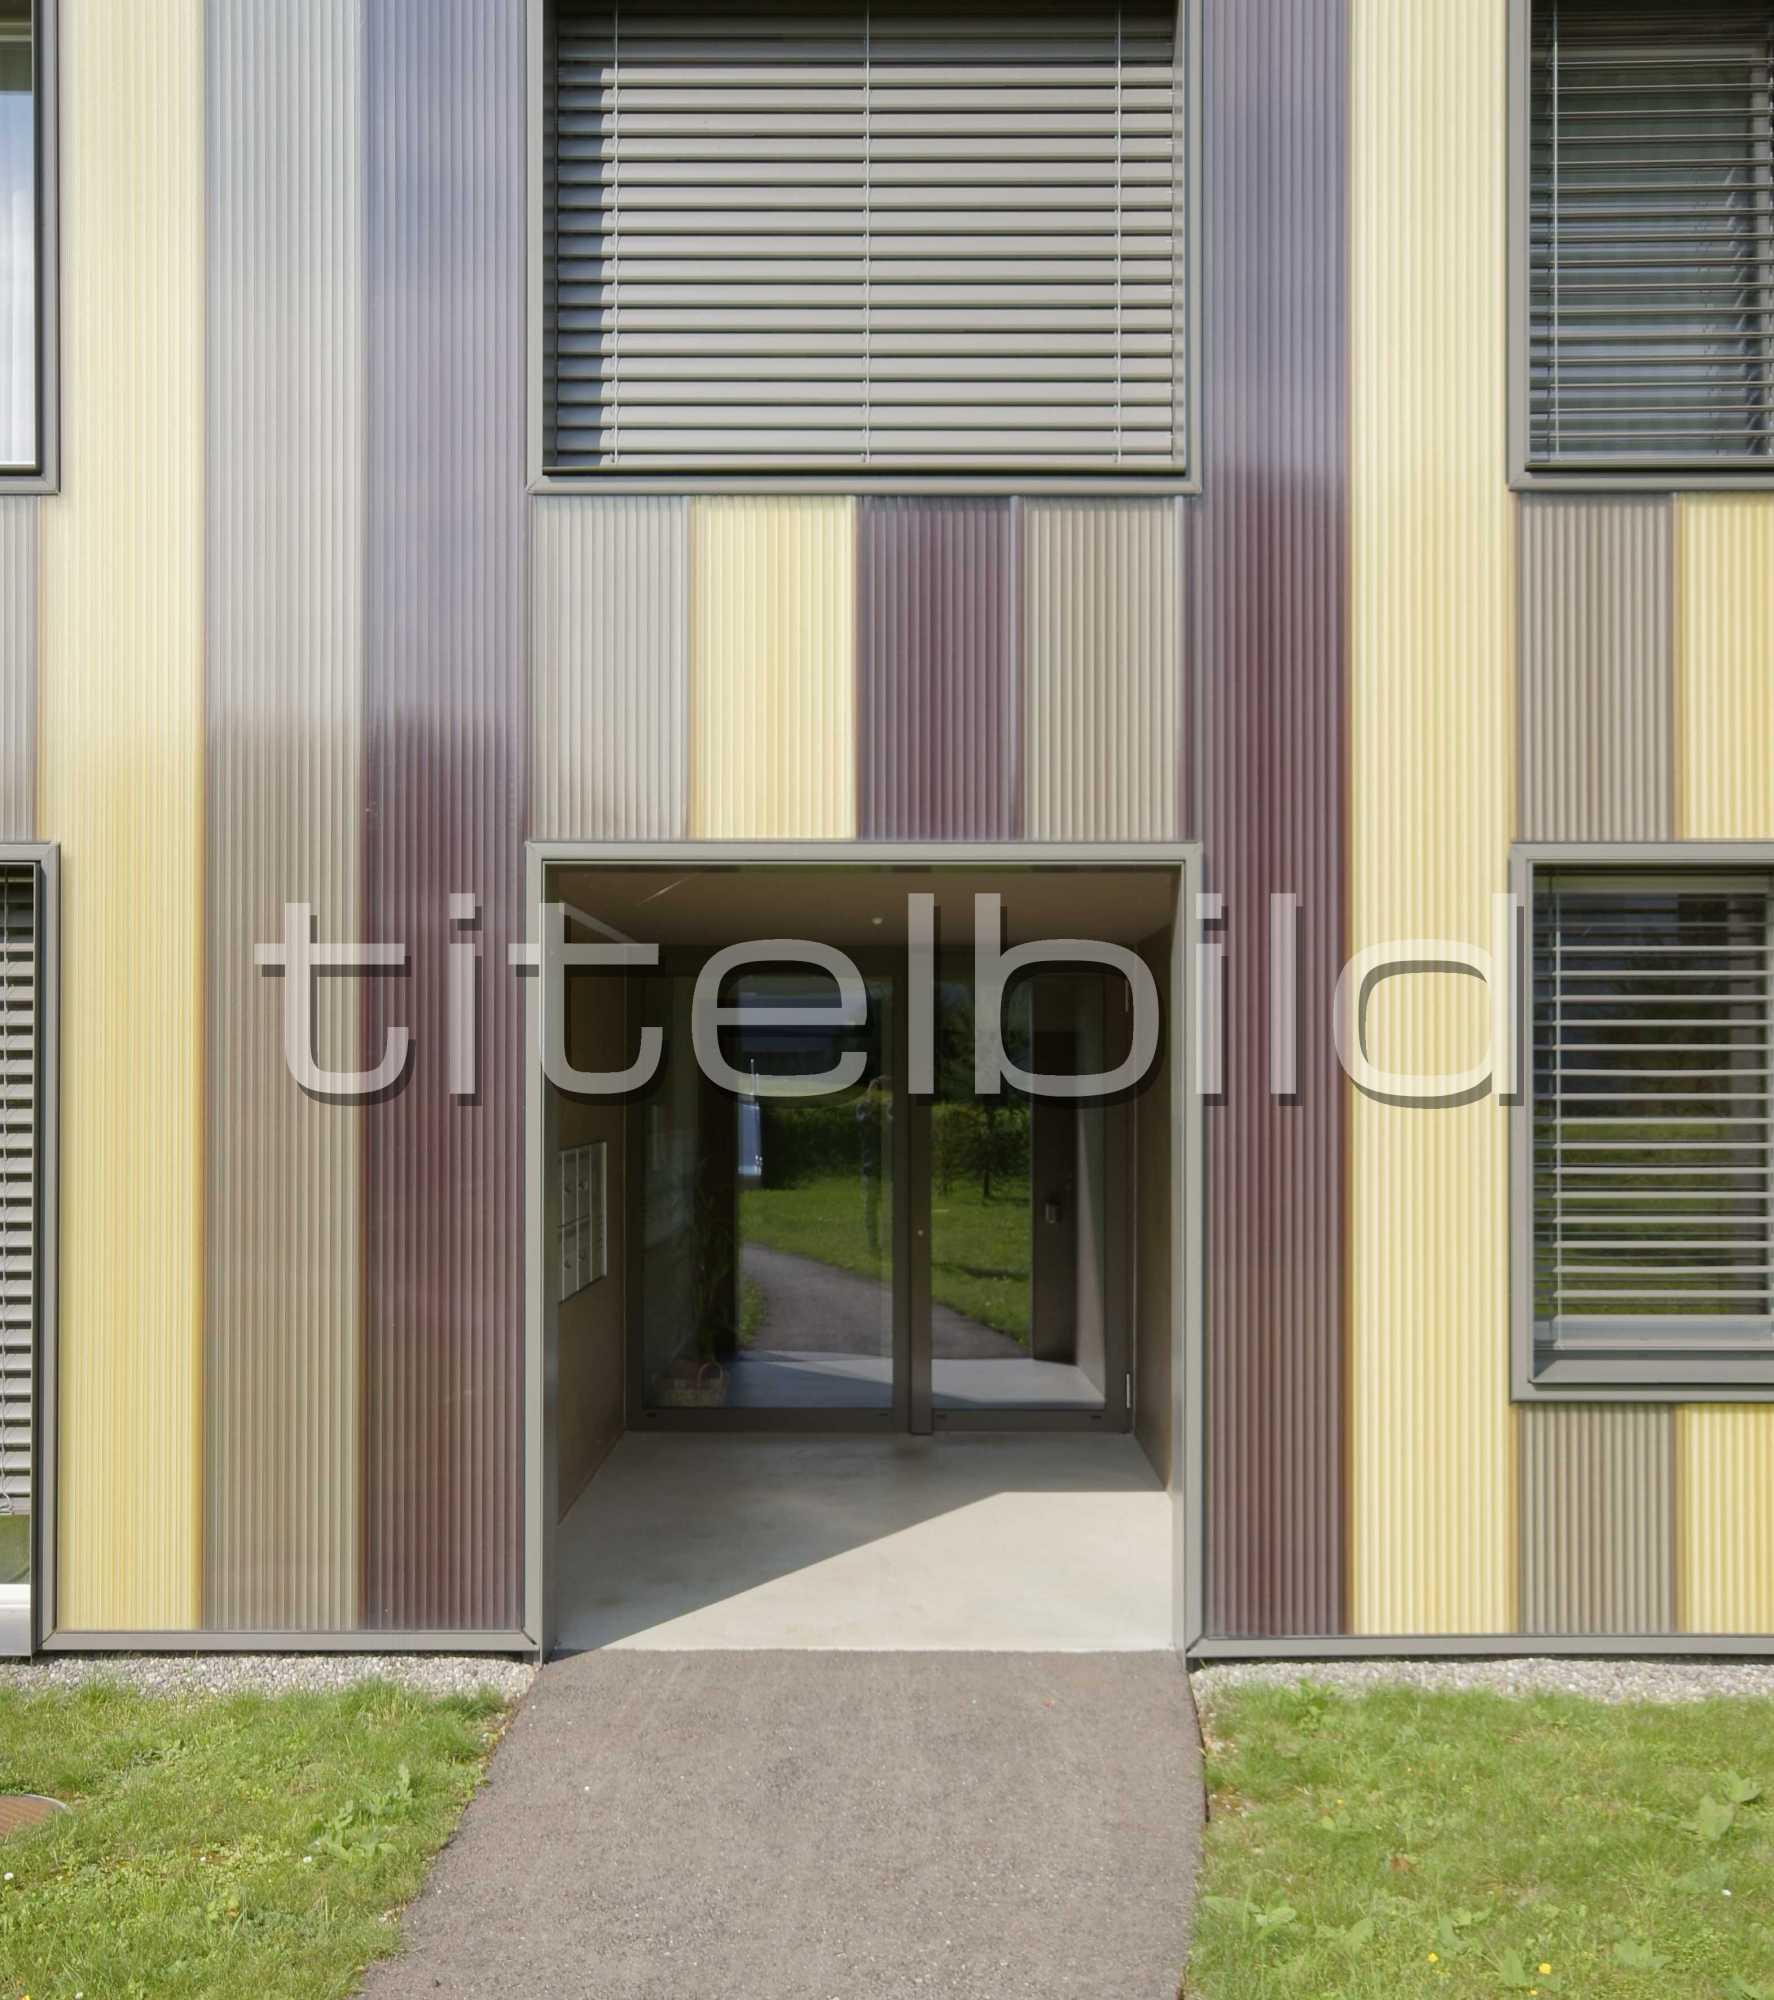 Projektbild-Nr. 5: Rosenweg, Schöftlannd